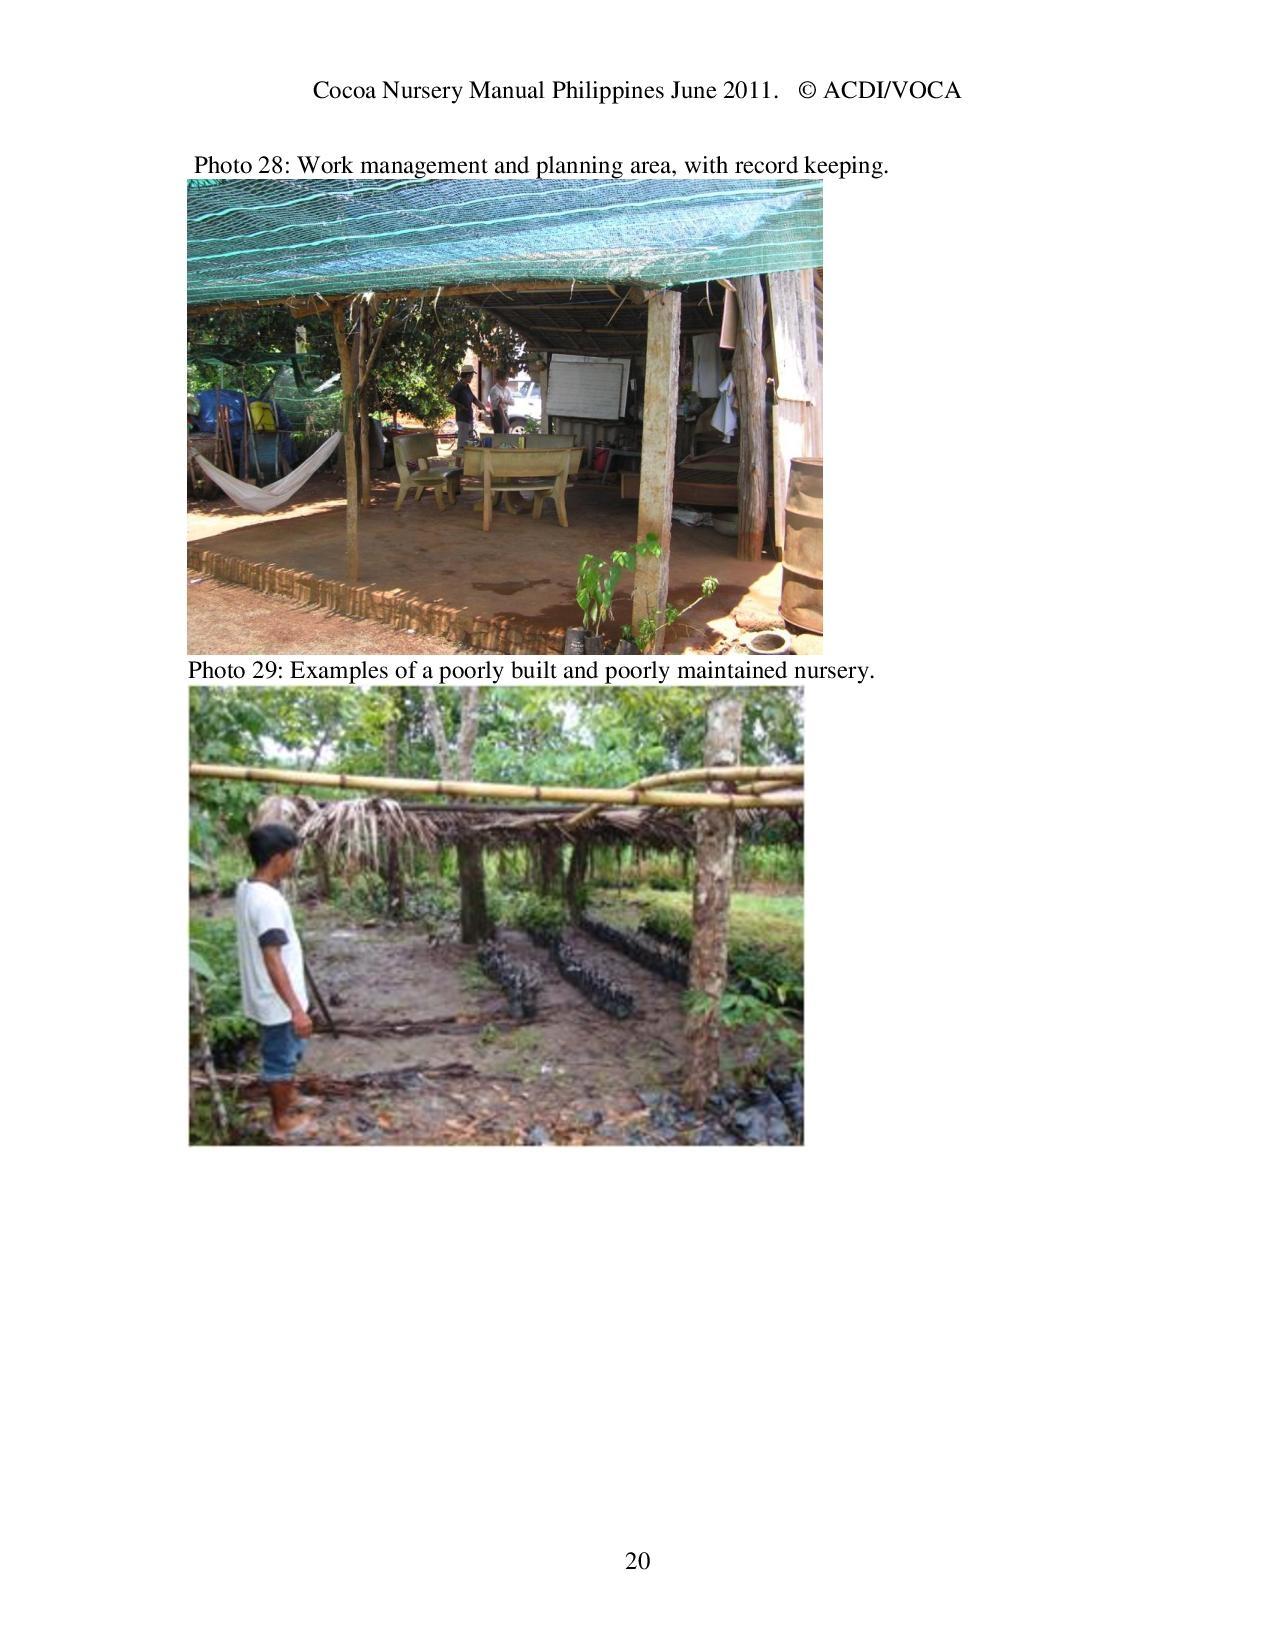 Cocoa-Nursery-Manual-2011_acdi-voca-page-020